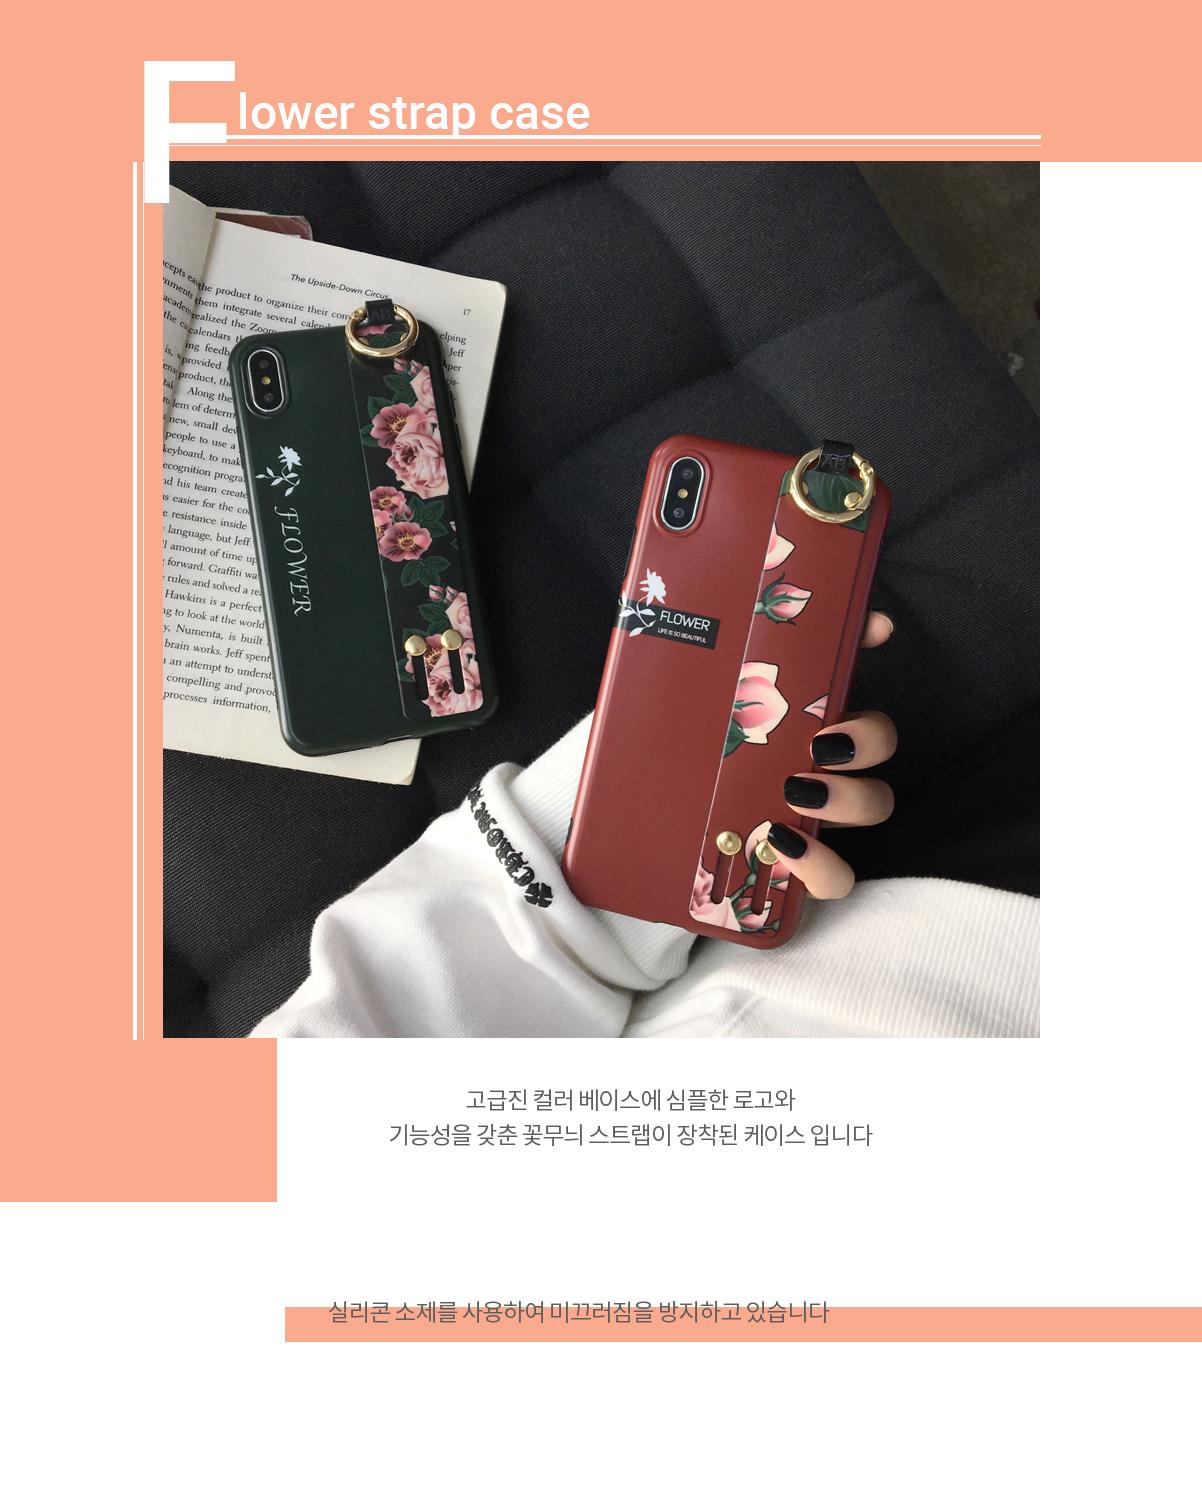 Flower strap case